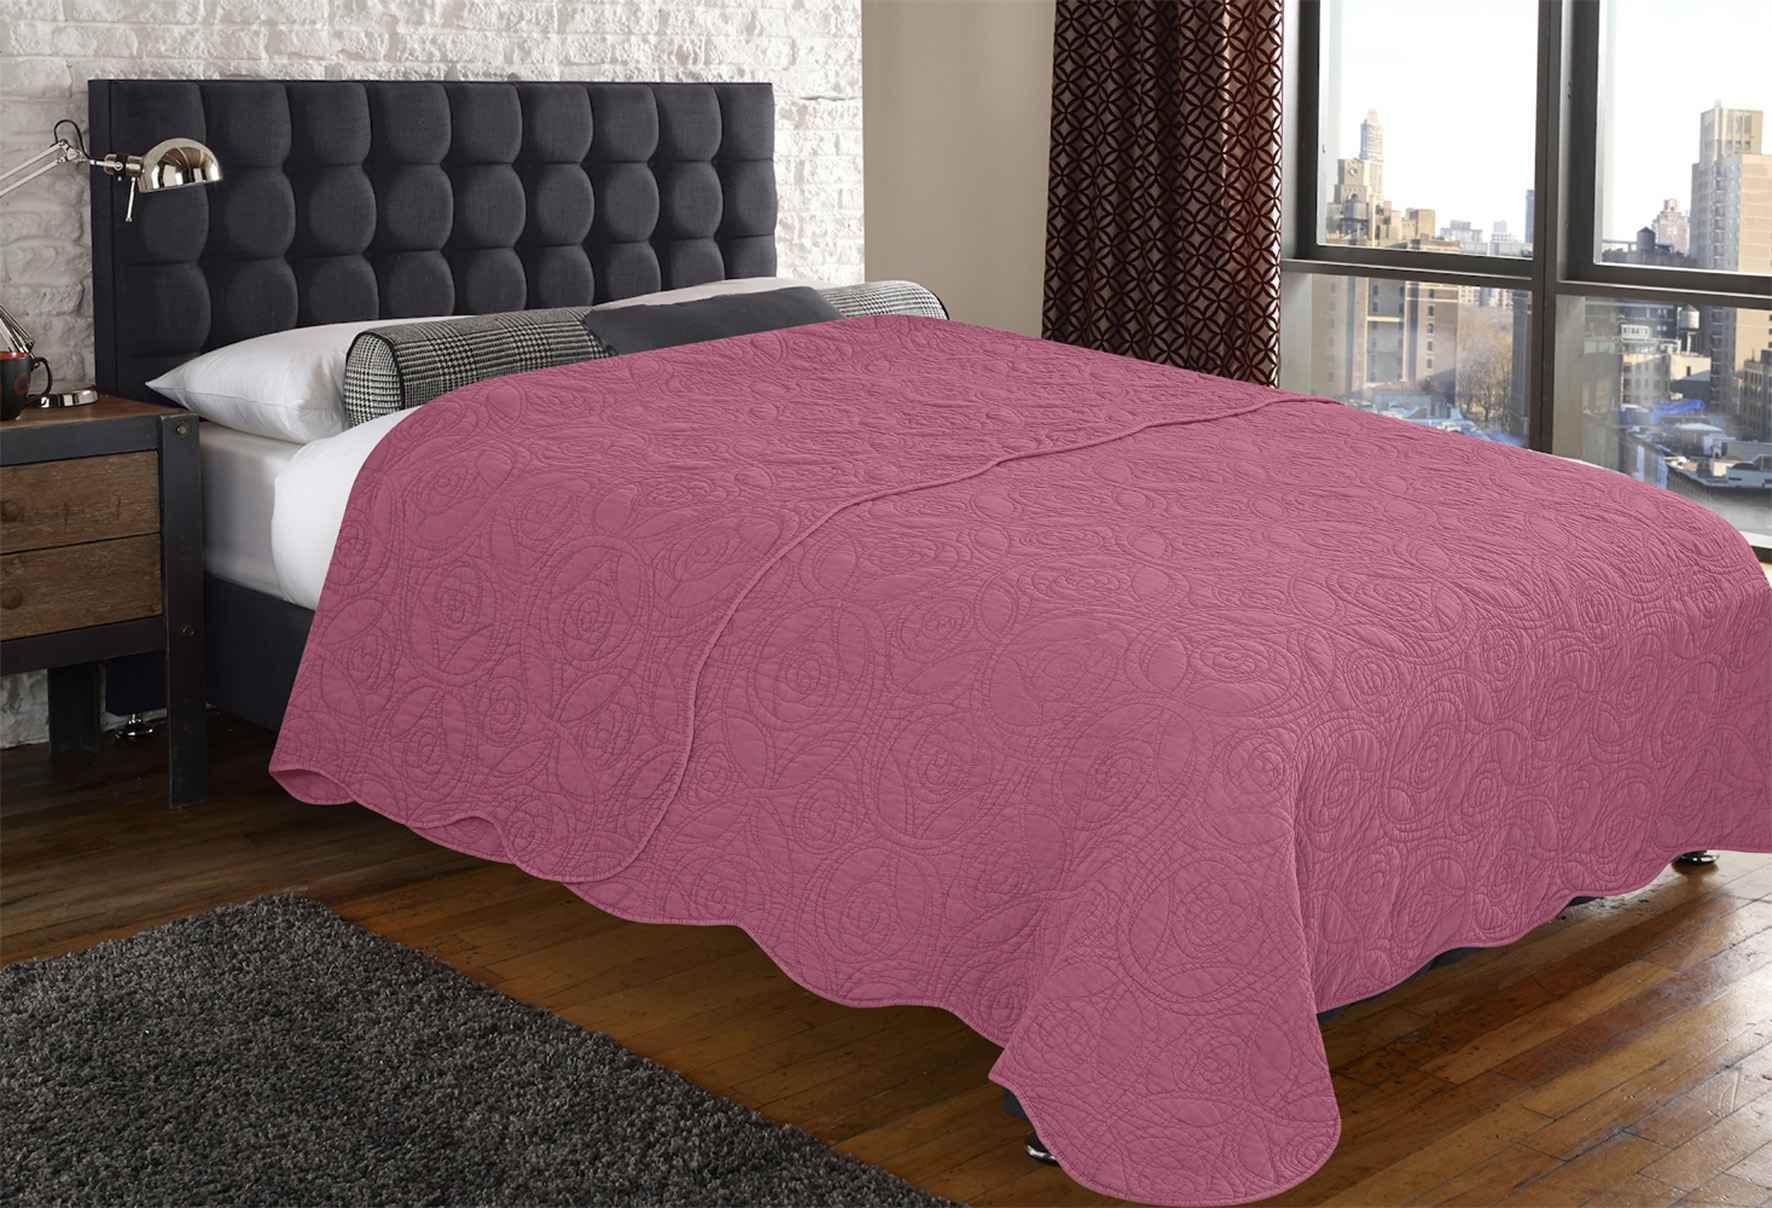 Купить Пледы и покрывала Amore Mio, Покрывало Bud Цвет: Розовый (160х220 см), Россия, Синтетический сатин